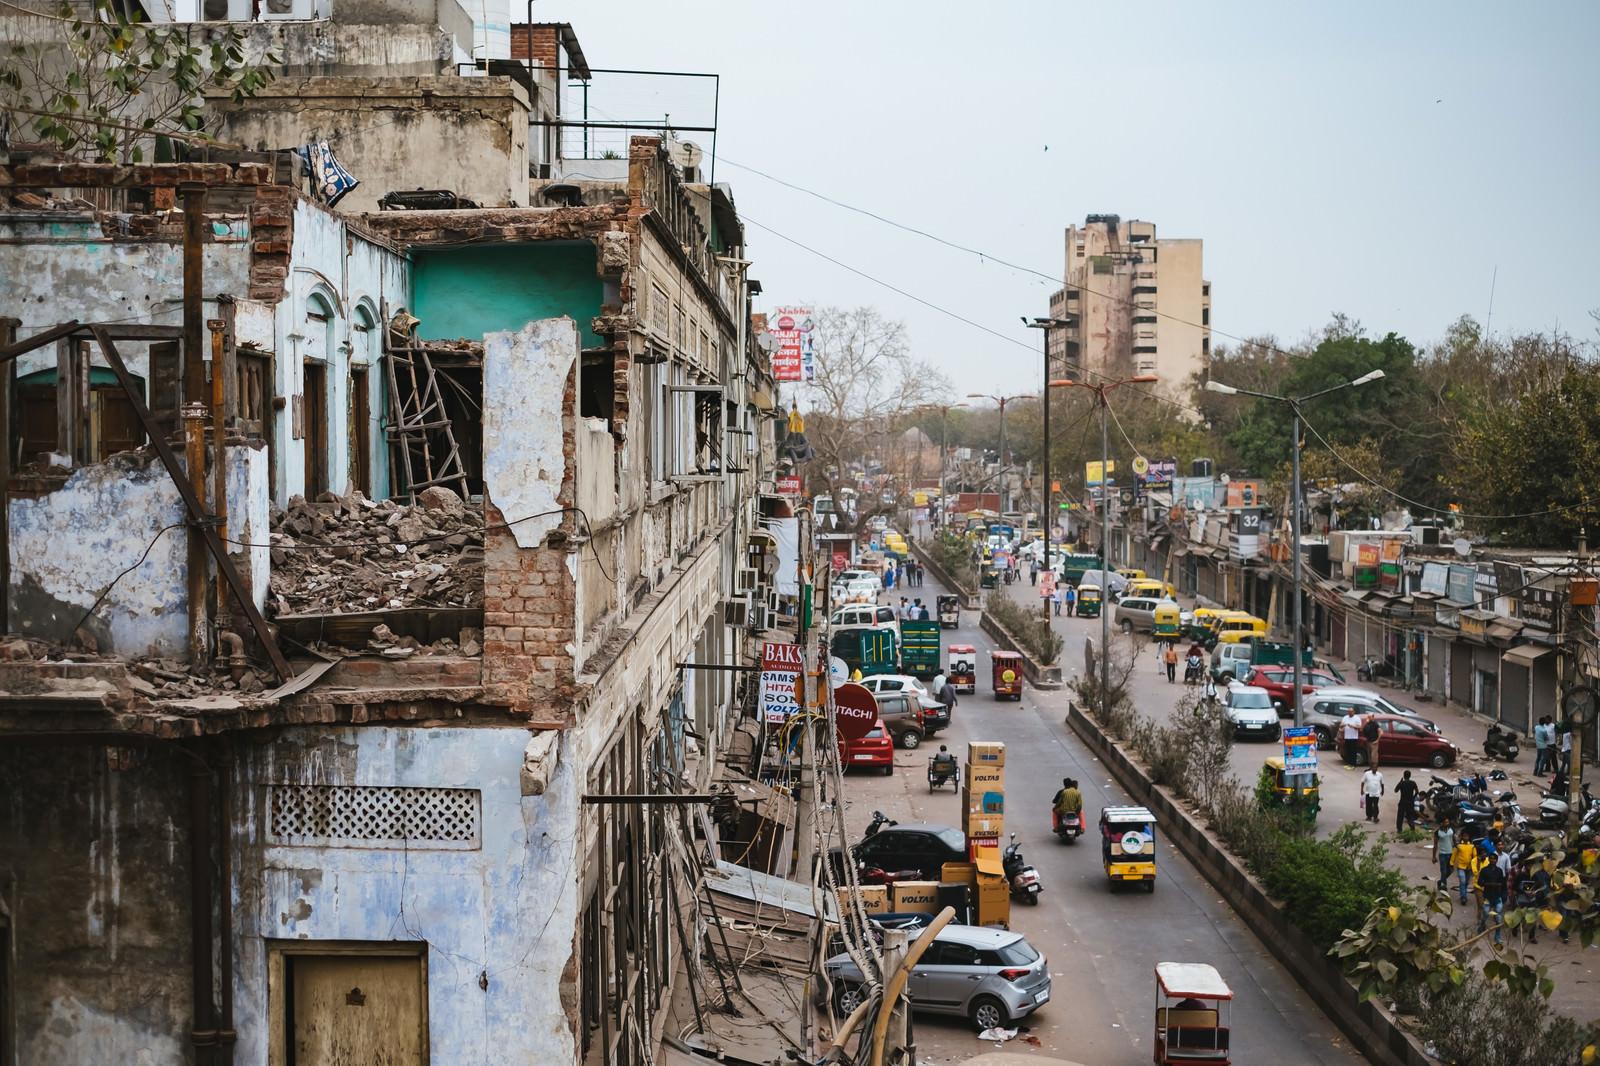 「倒壊しそうな建物と交通量の多い大通り」の写真